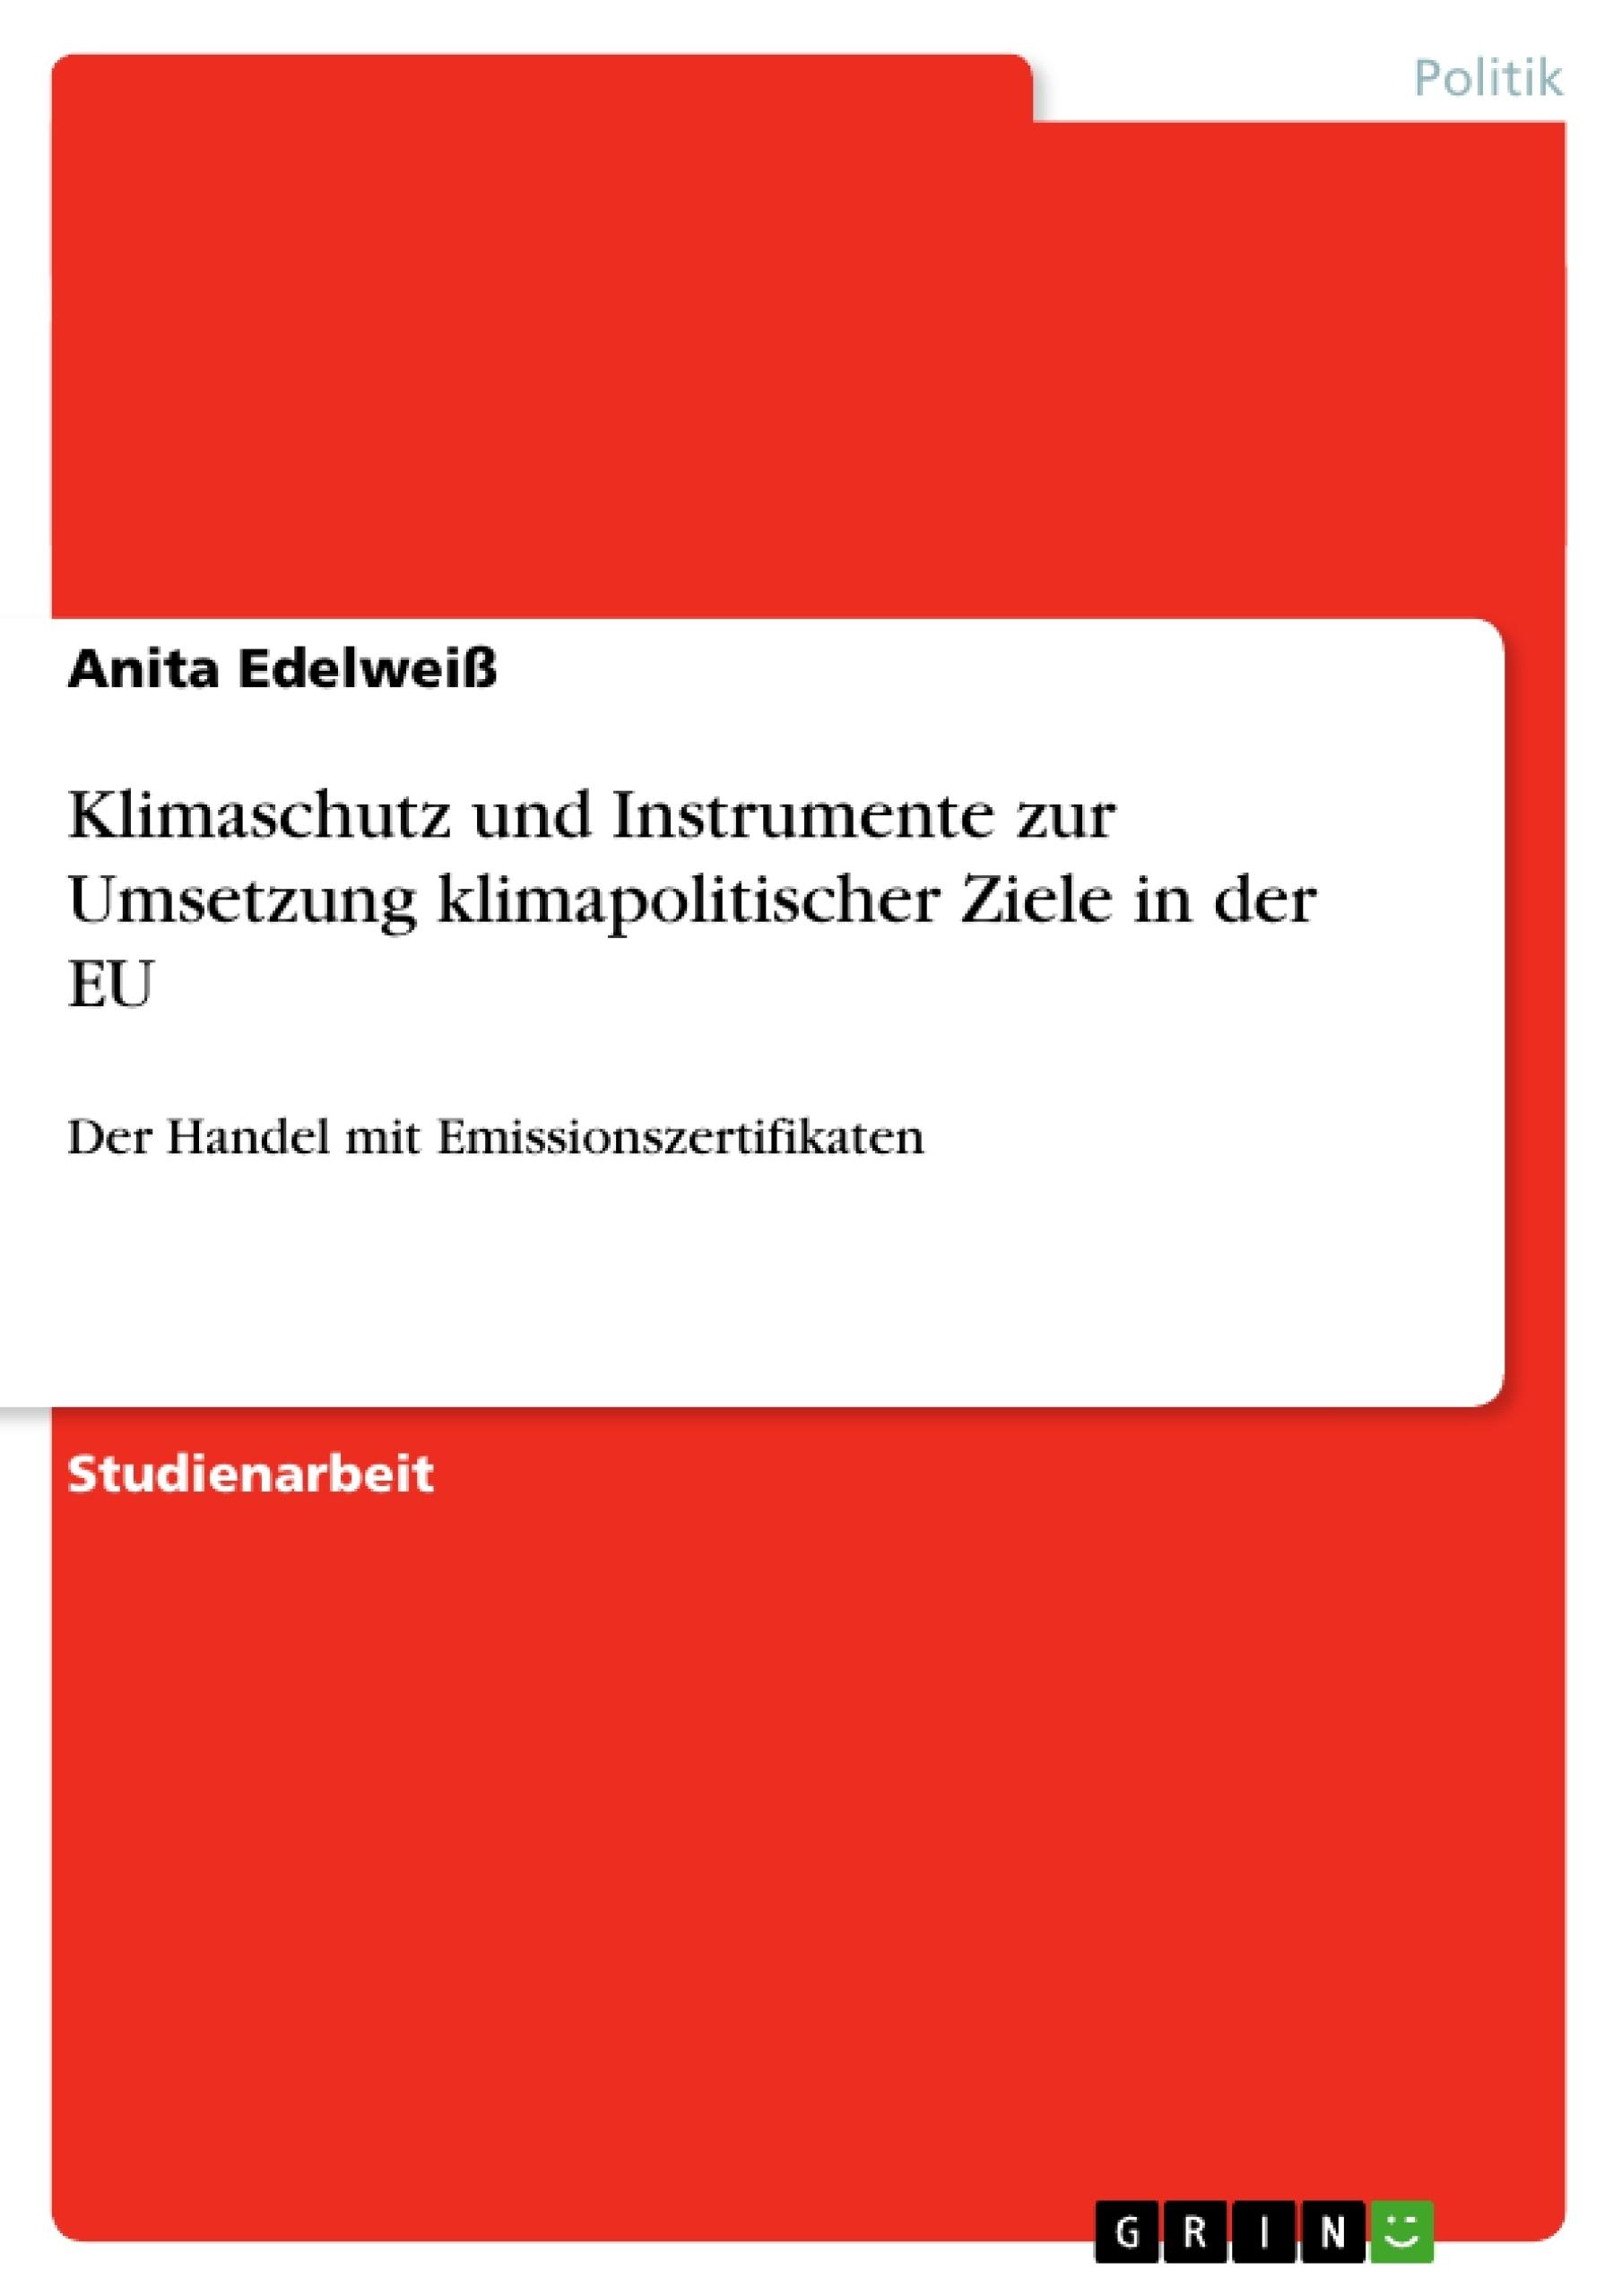 Titel: Klimaschutz und Instrumente zur Umsetzung klimapolitischer Ziele in der EU